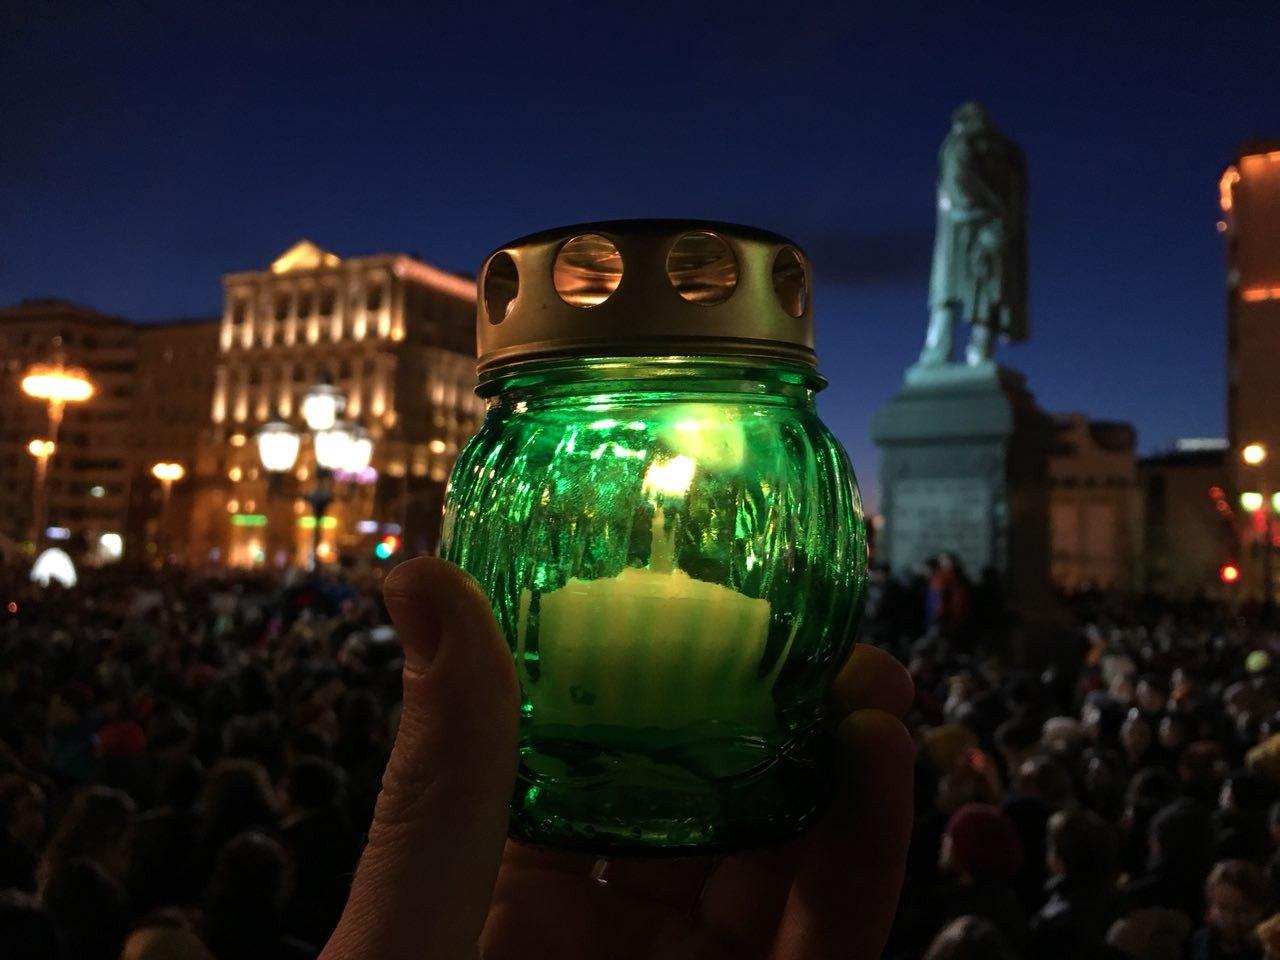 Около 7 тыс. человек собрались на Пушкинской площади в знак соболезнования семьям погибших в Кемерово